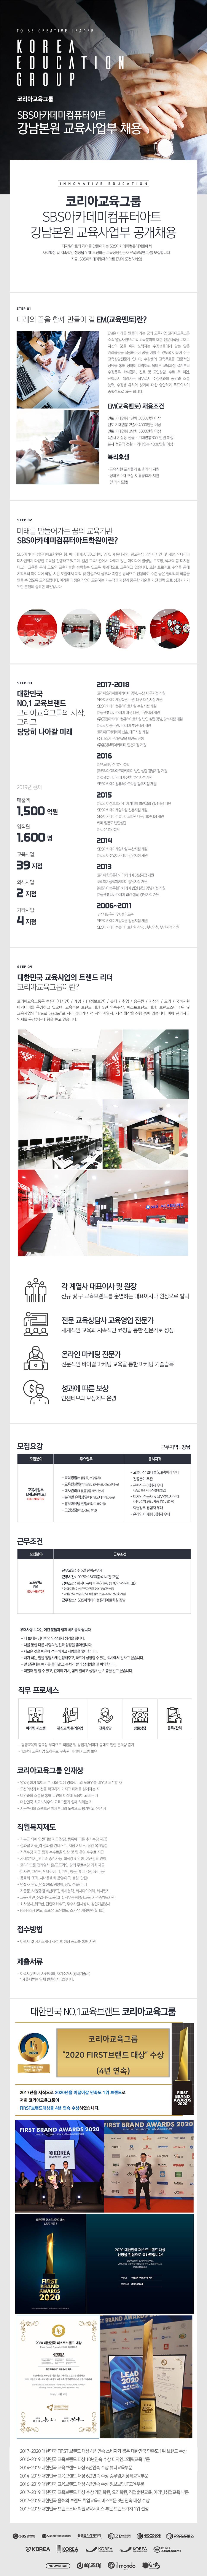 (주)코리아교육그룹 SBS아카데미컴퓨터아트 교육사업부EM 공개채용